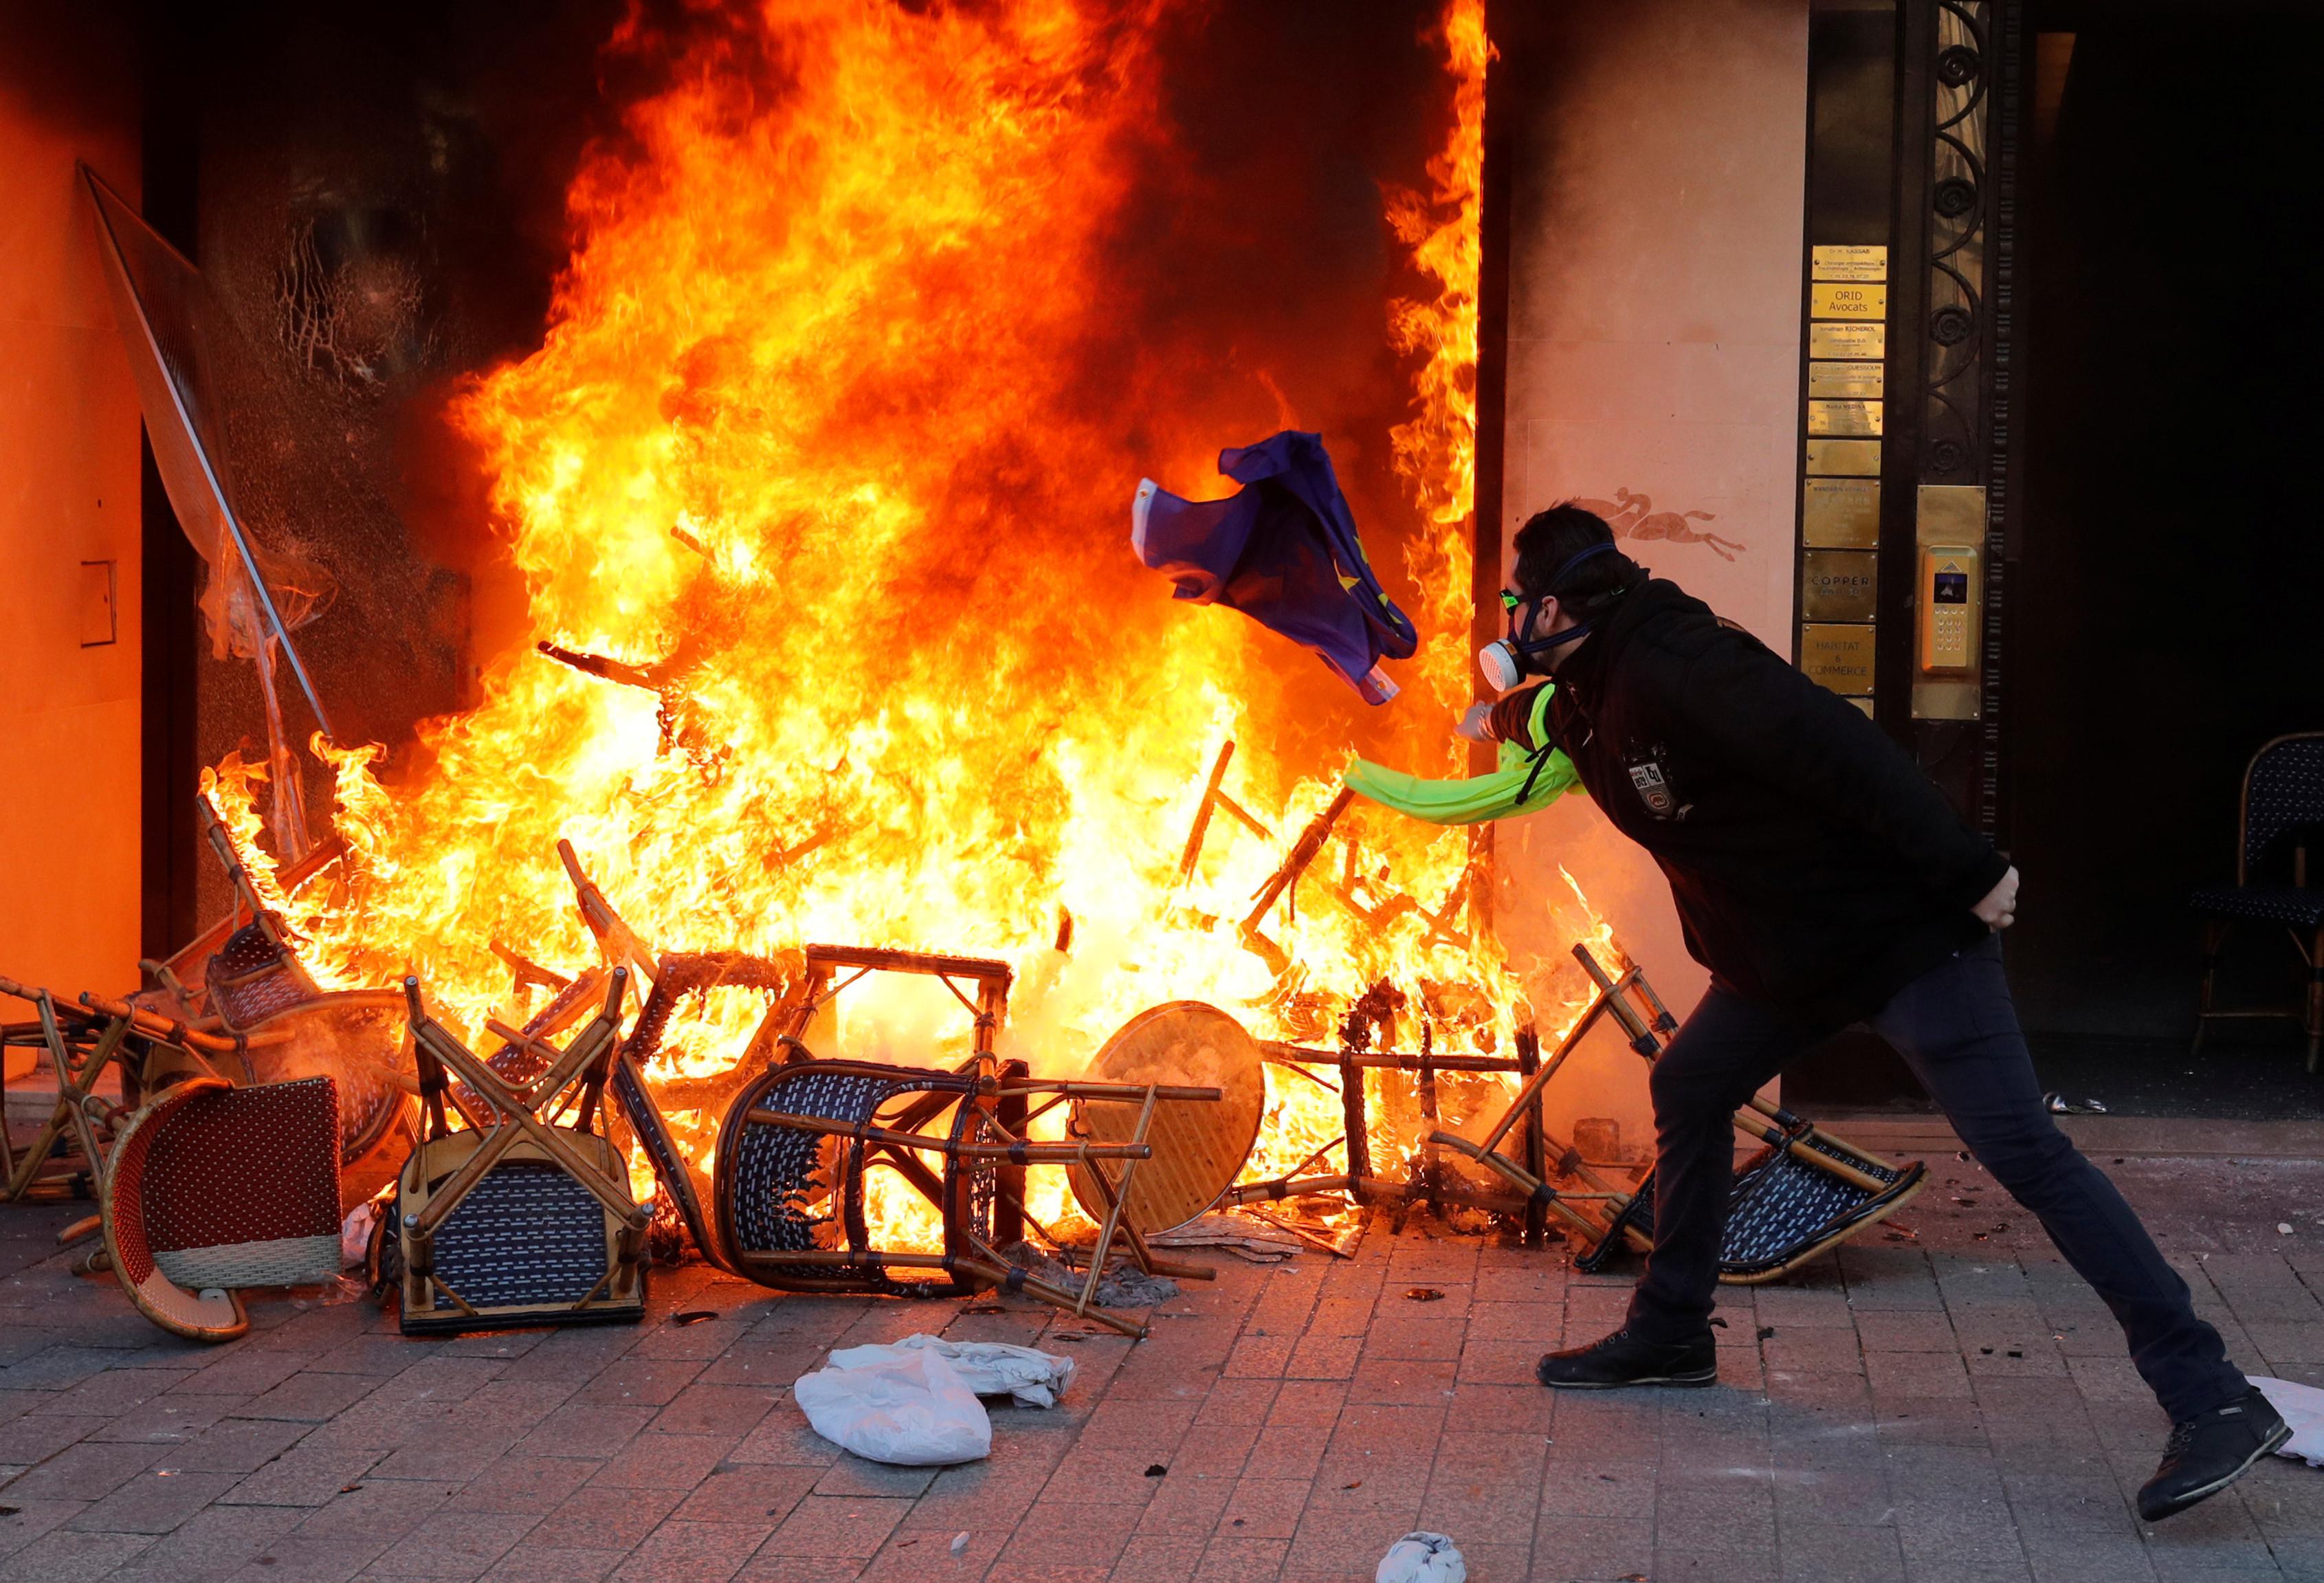 Mais de 20 sentenças de prisão após protestos violentos em Paris